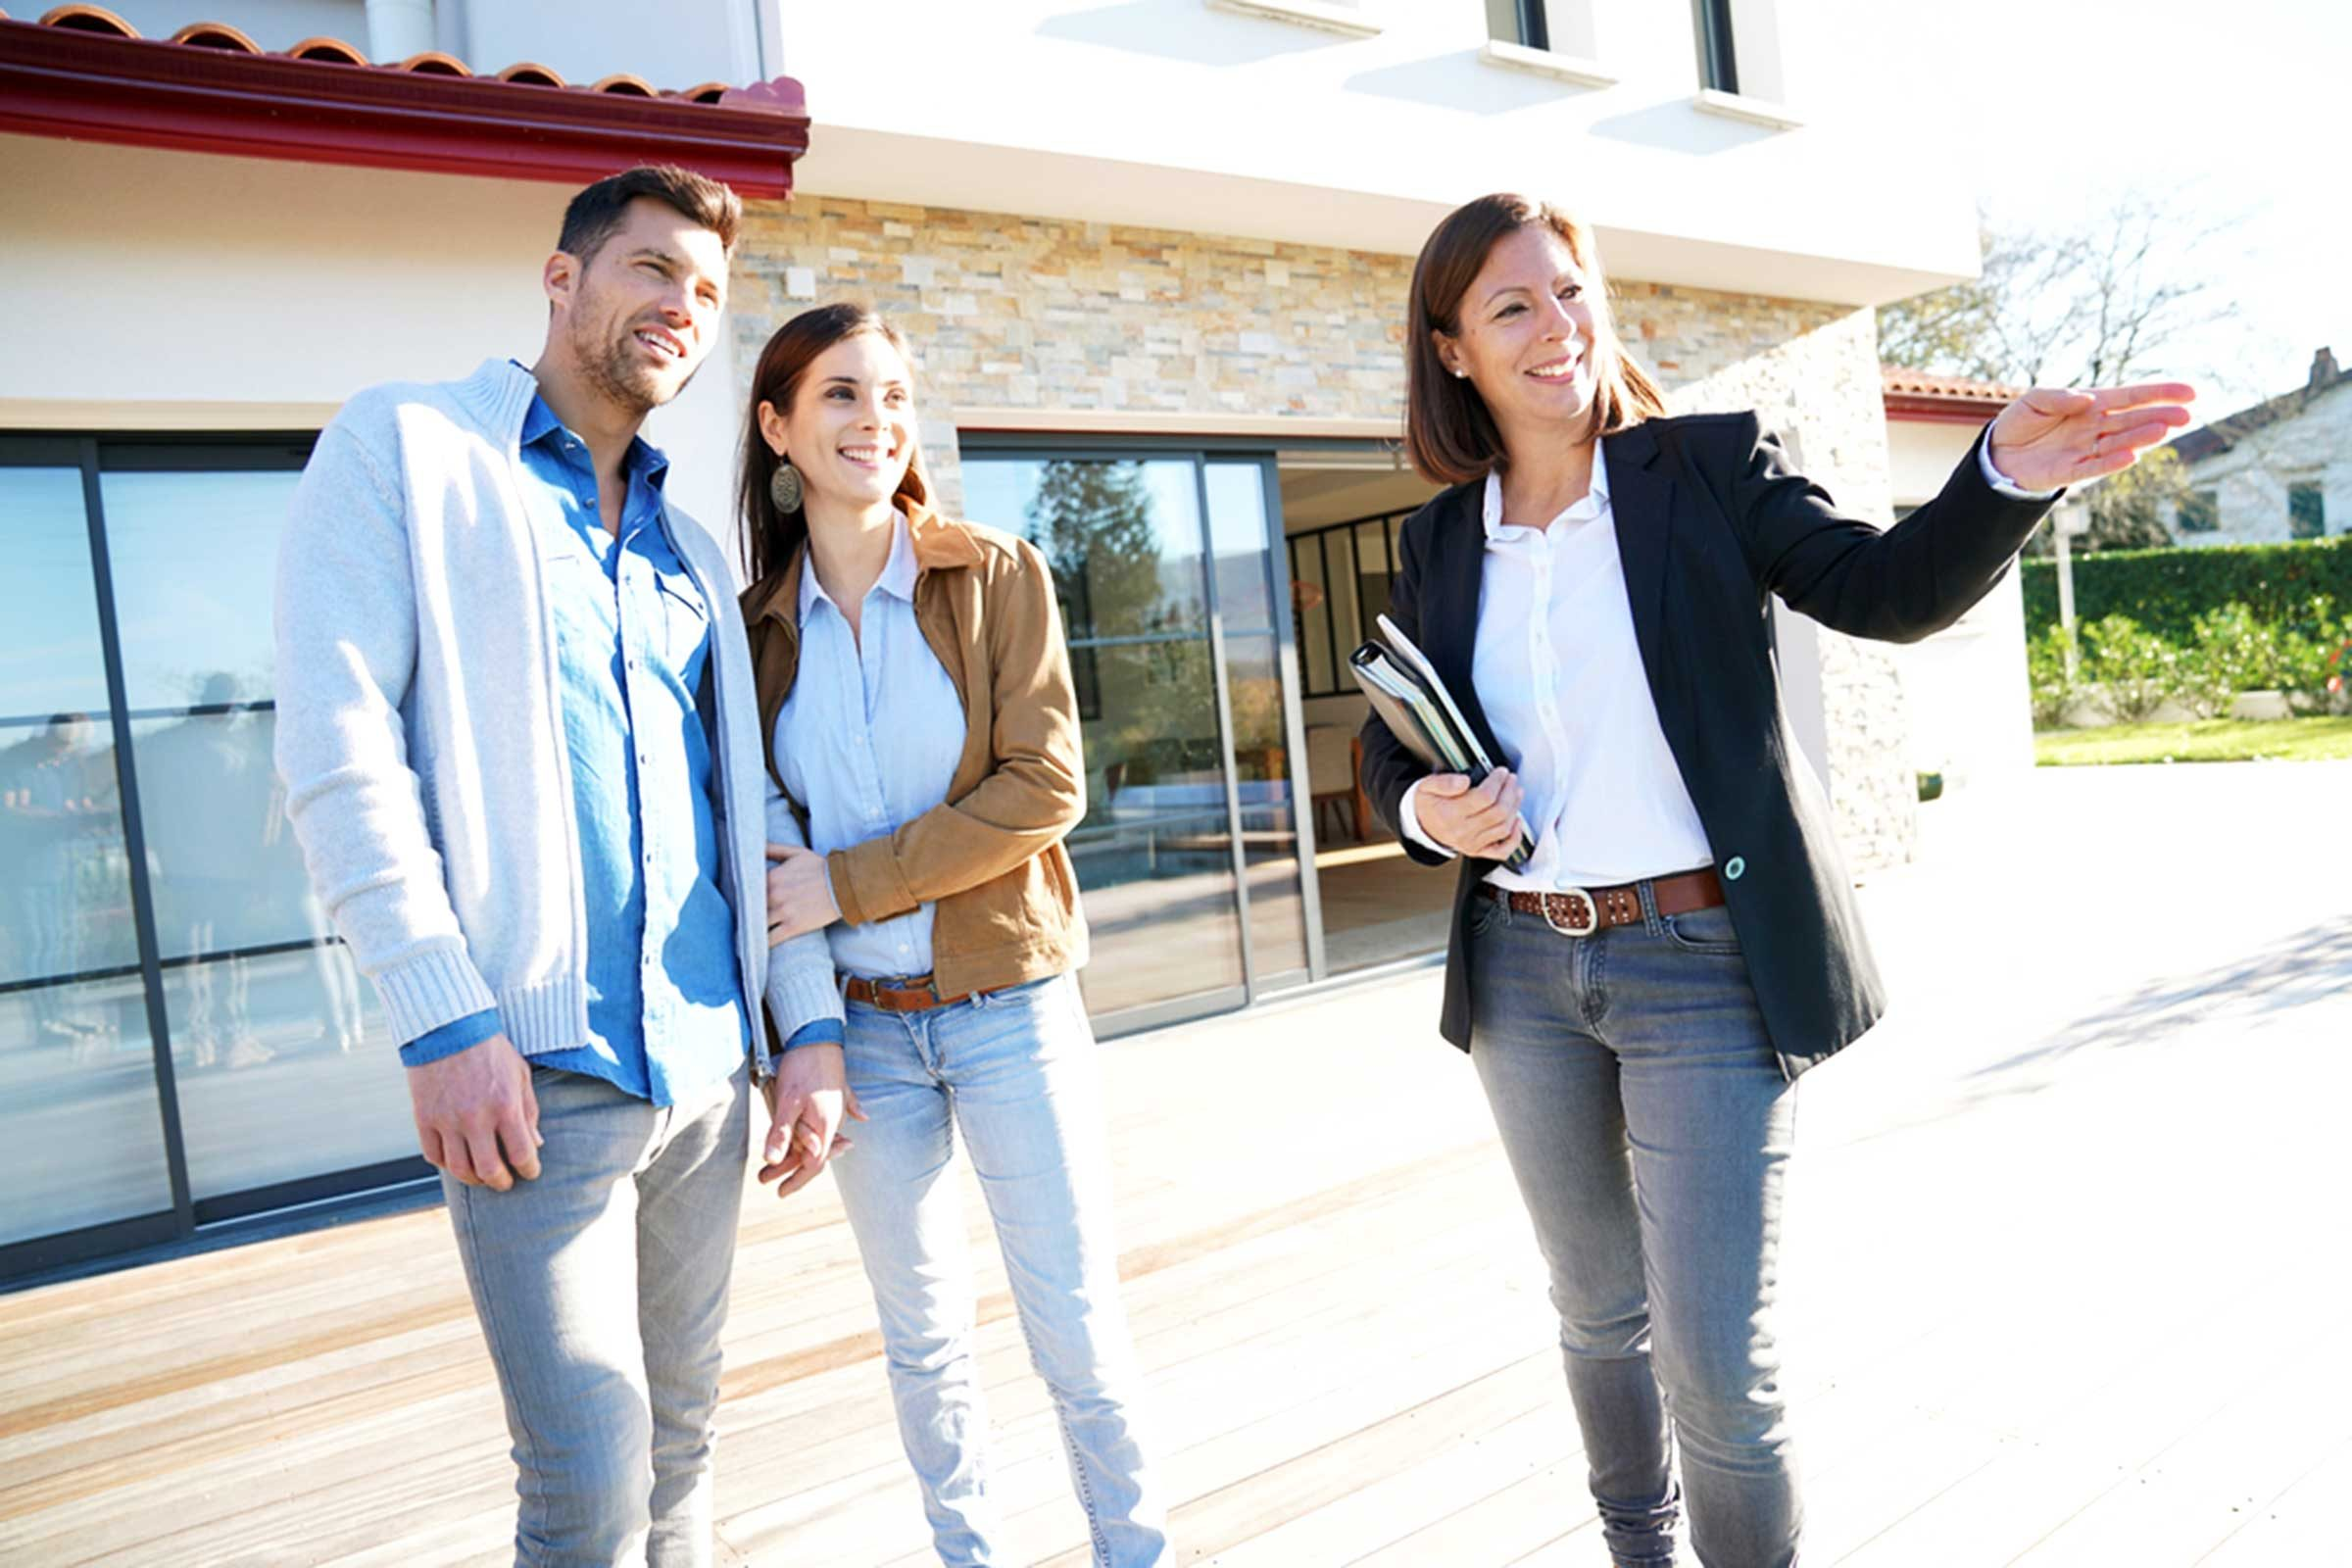 Secret de courtier immobilier: « Votre porte ouverte m'aide plus qu'elle ne vous aide. »